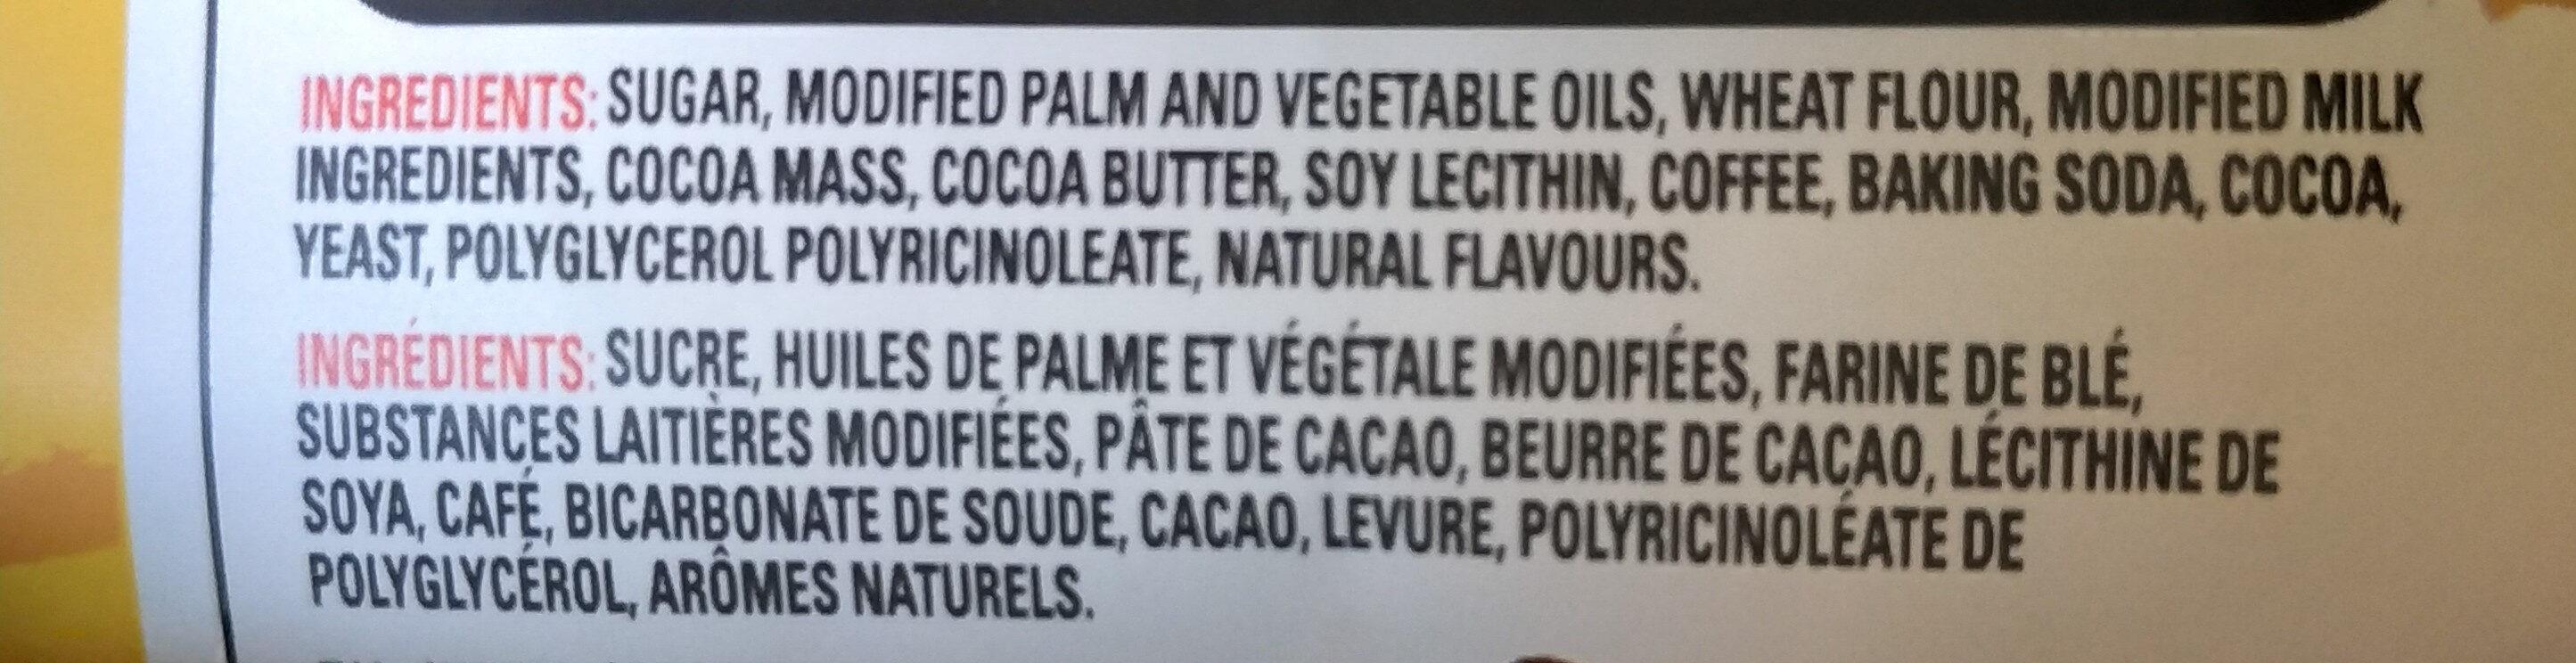 Coffee crisp minis - Ingredients - en